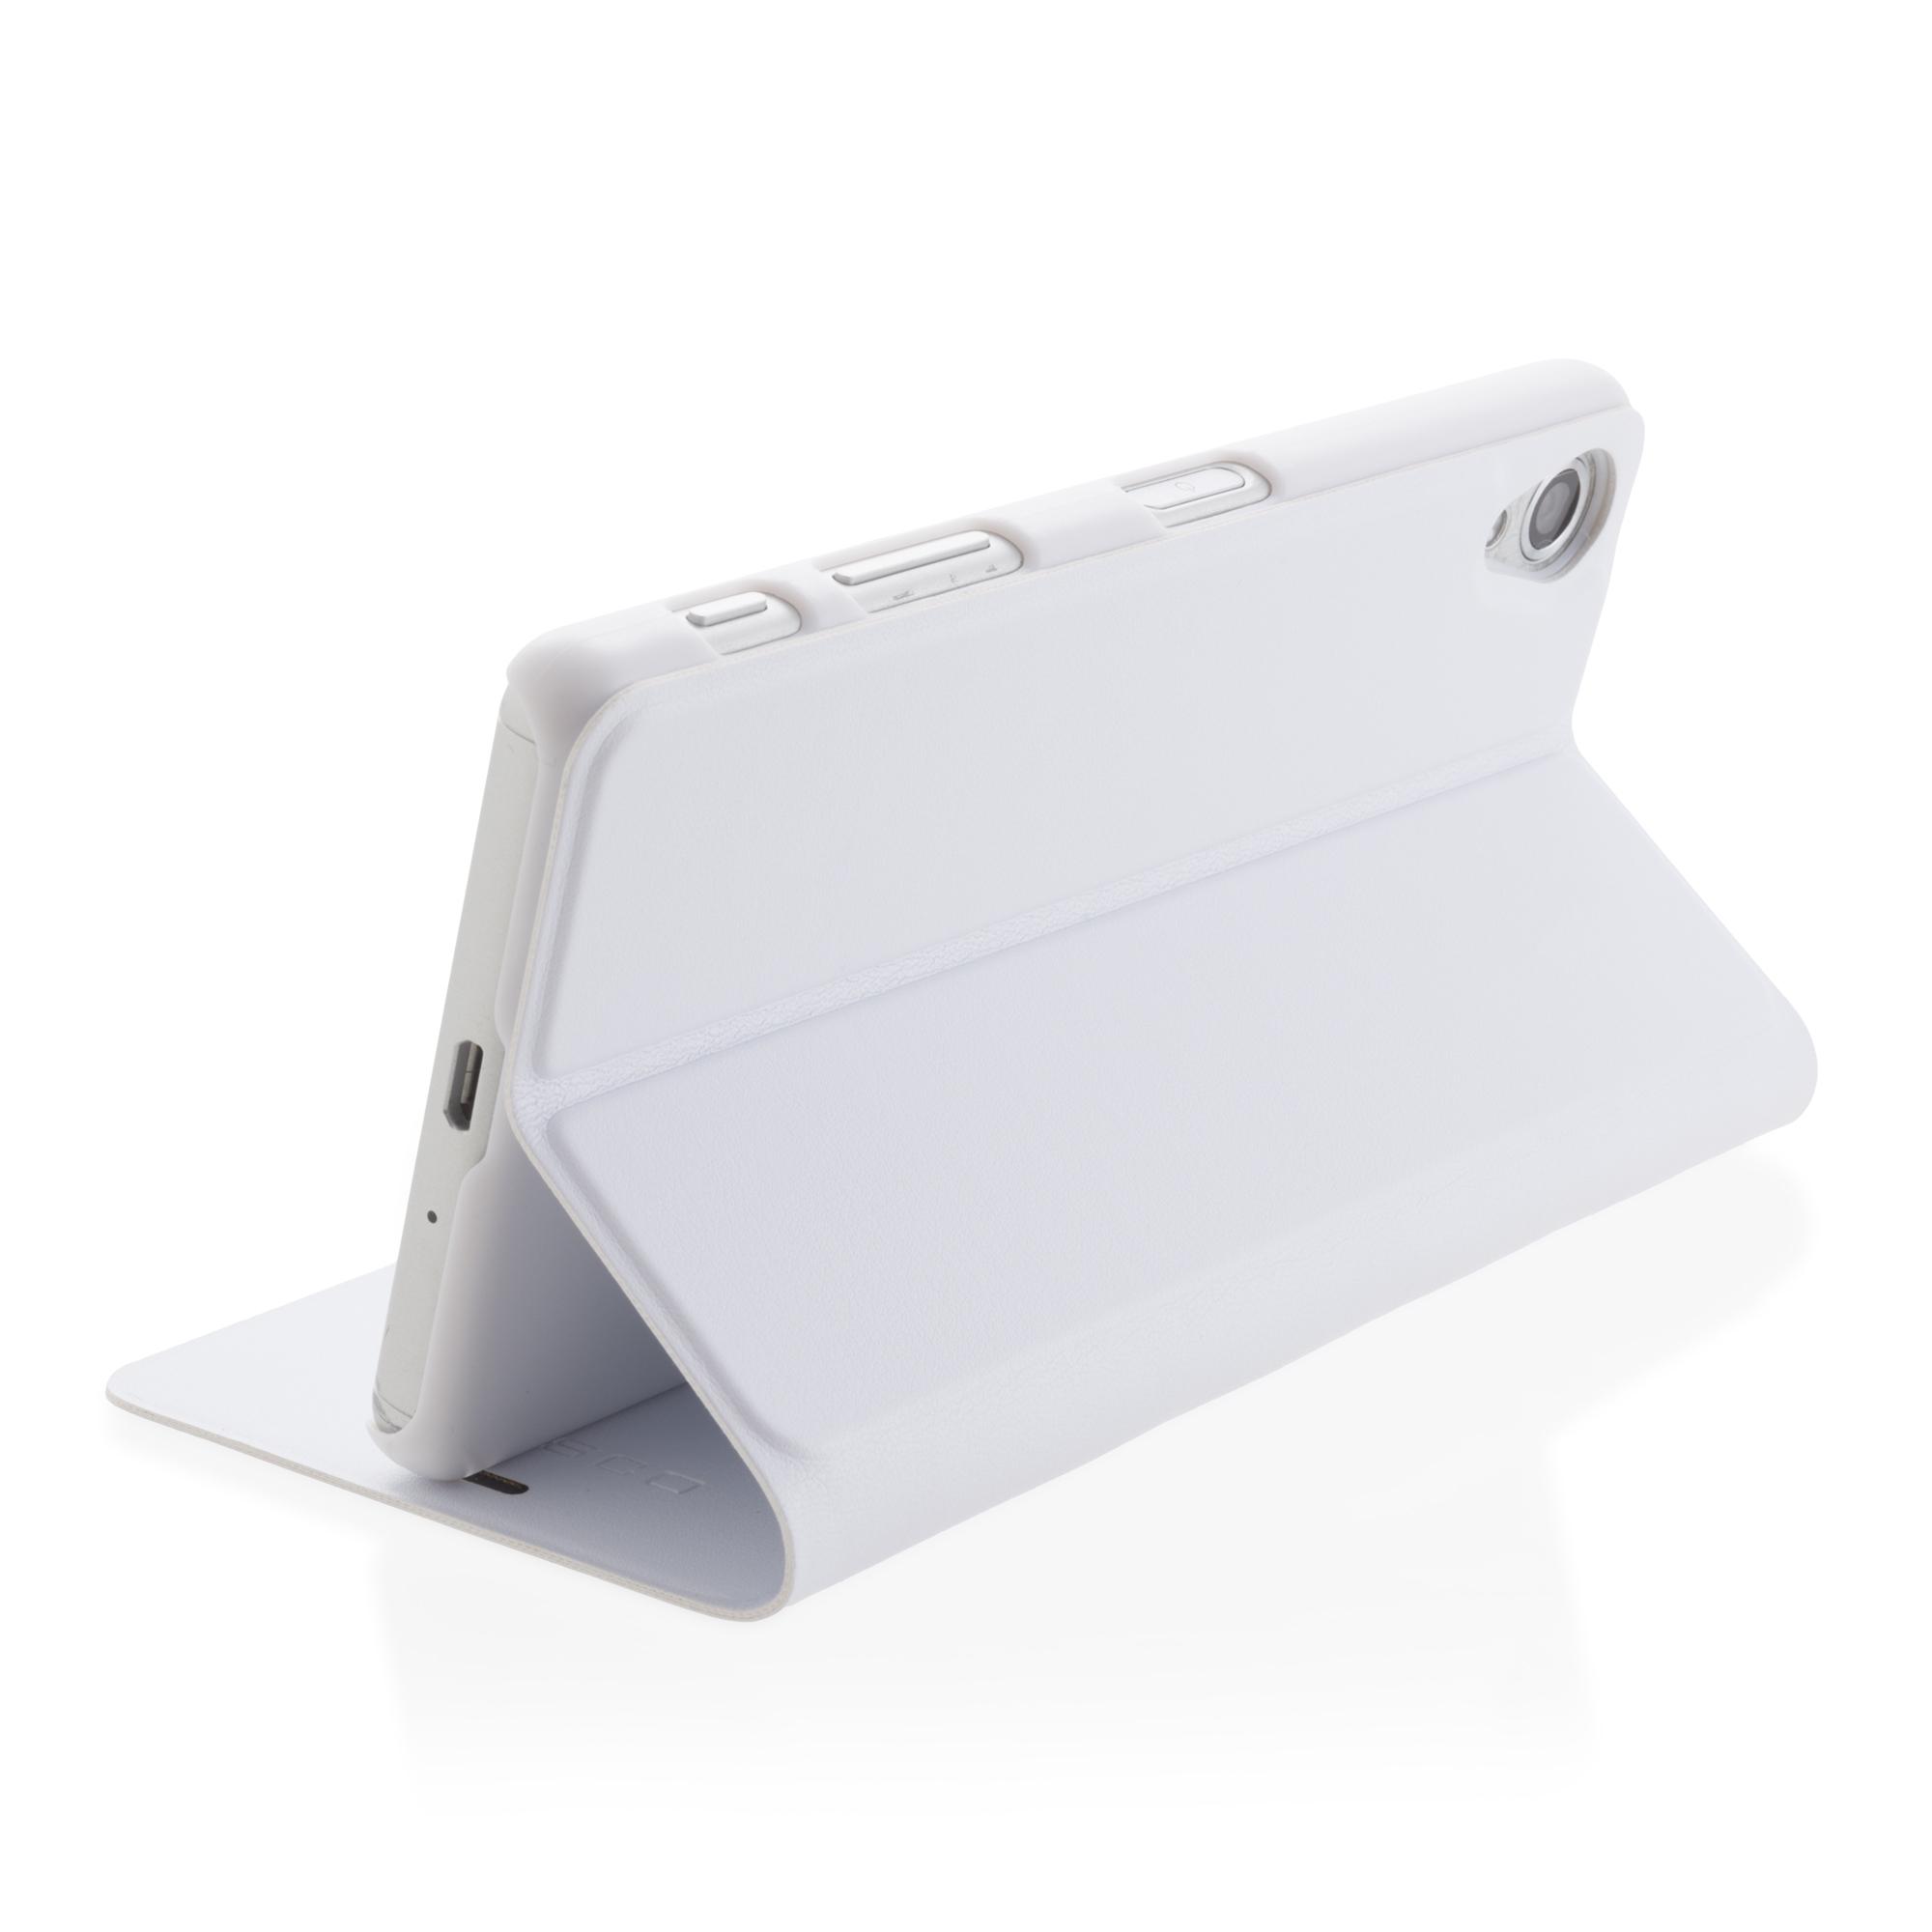 Чехол-книжка белого цвета для Xperia X Performance